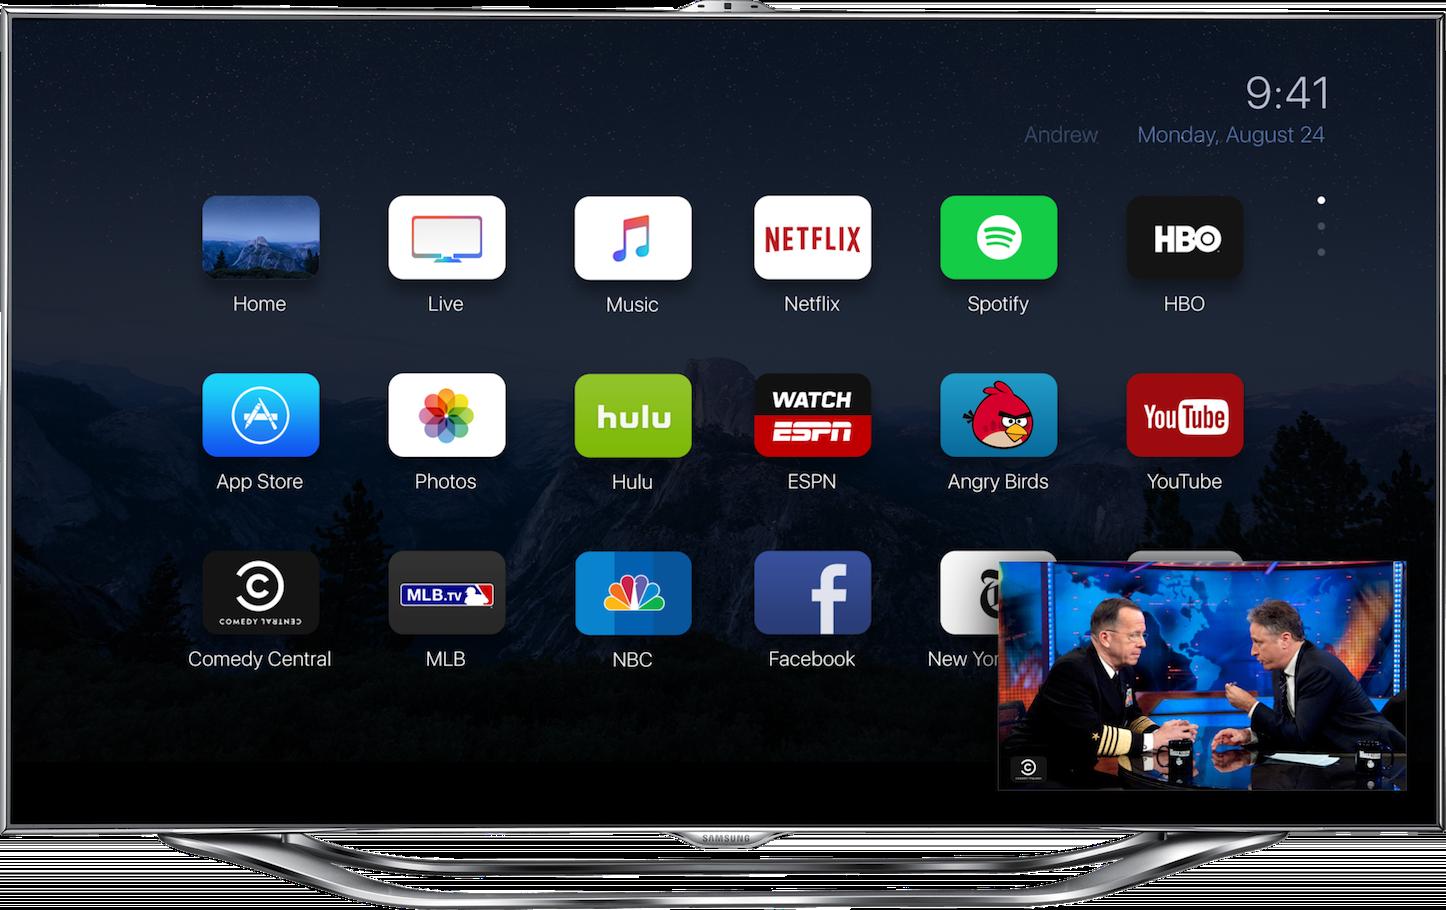 Apple TVのコンセプトイメージ